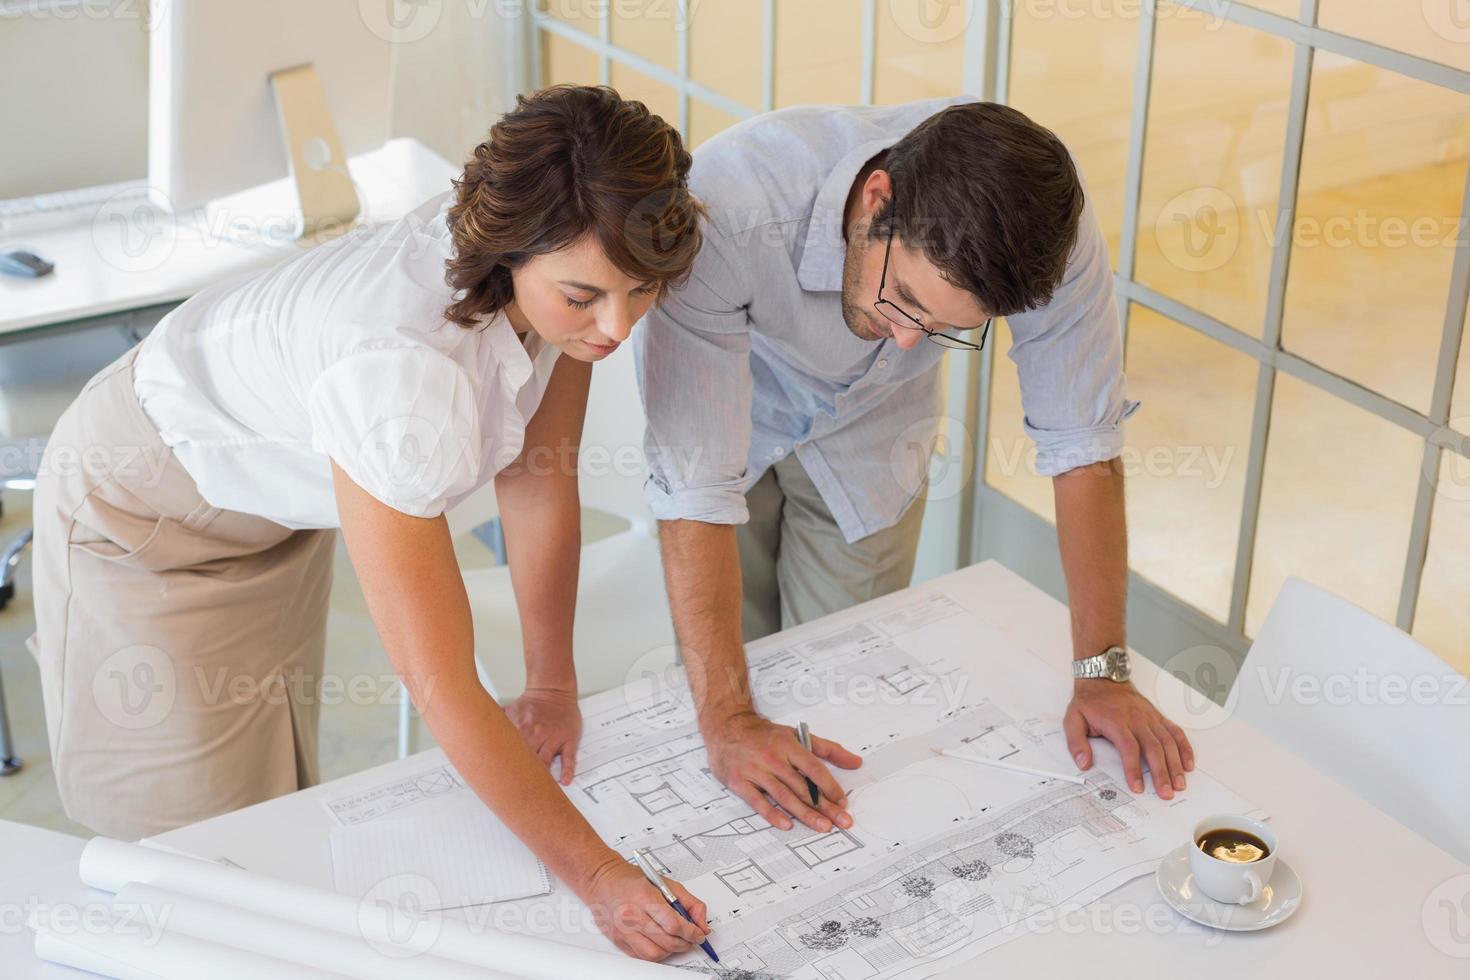 affärsmän som arbetar med ritningar på kontoret foto